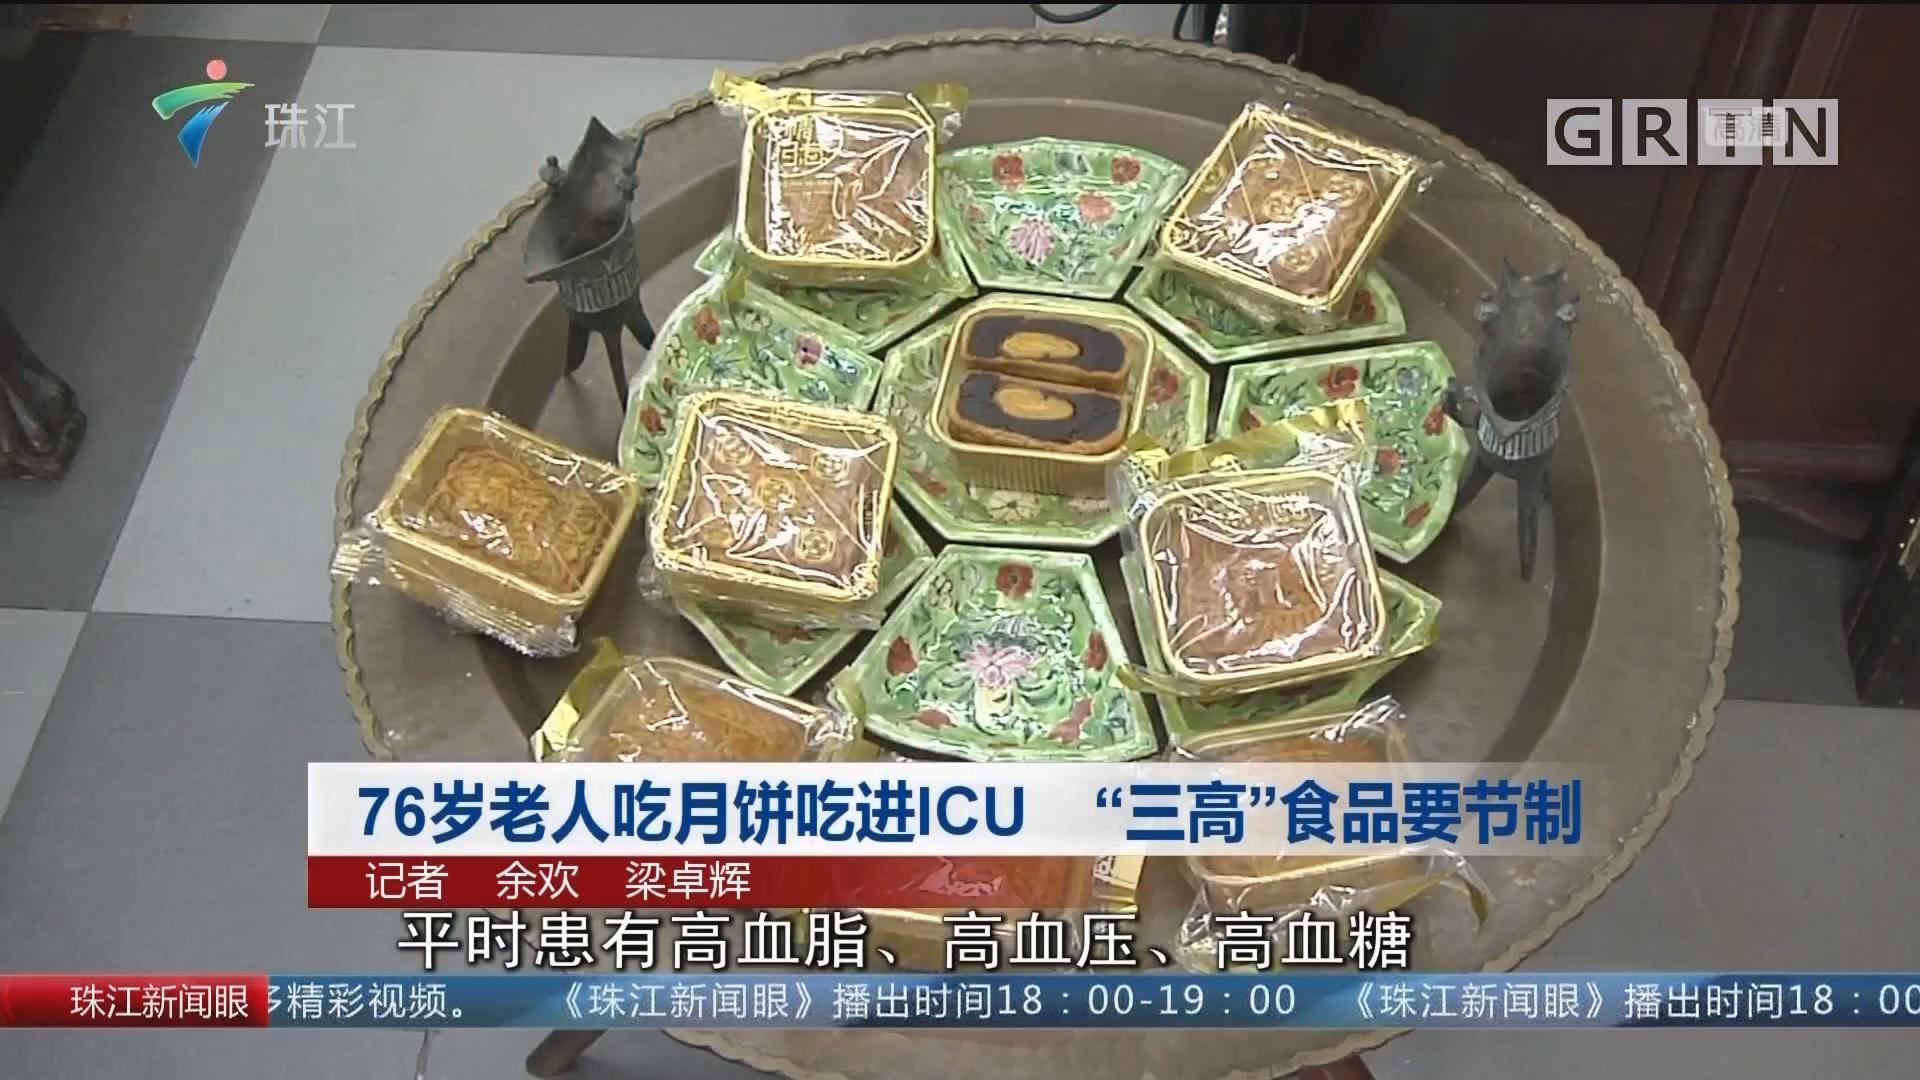 """76岁老人吃月饼吃进ICU """"三高""""食品要节制"""